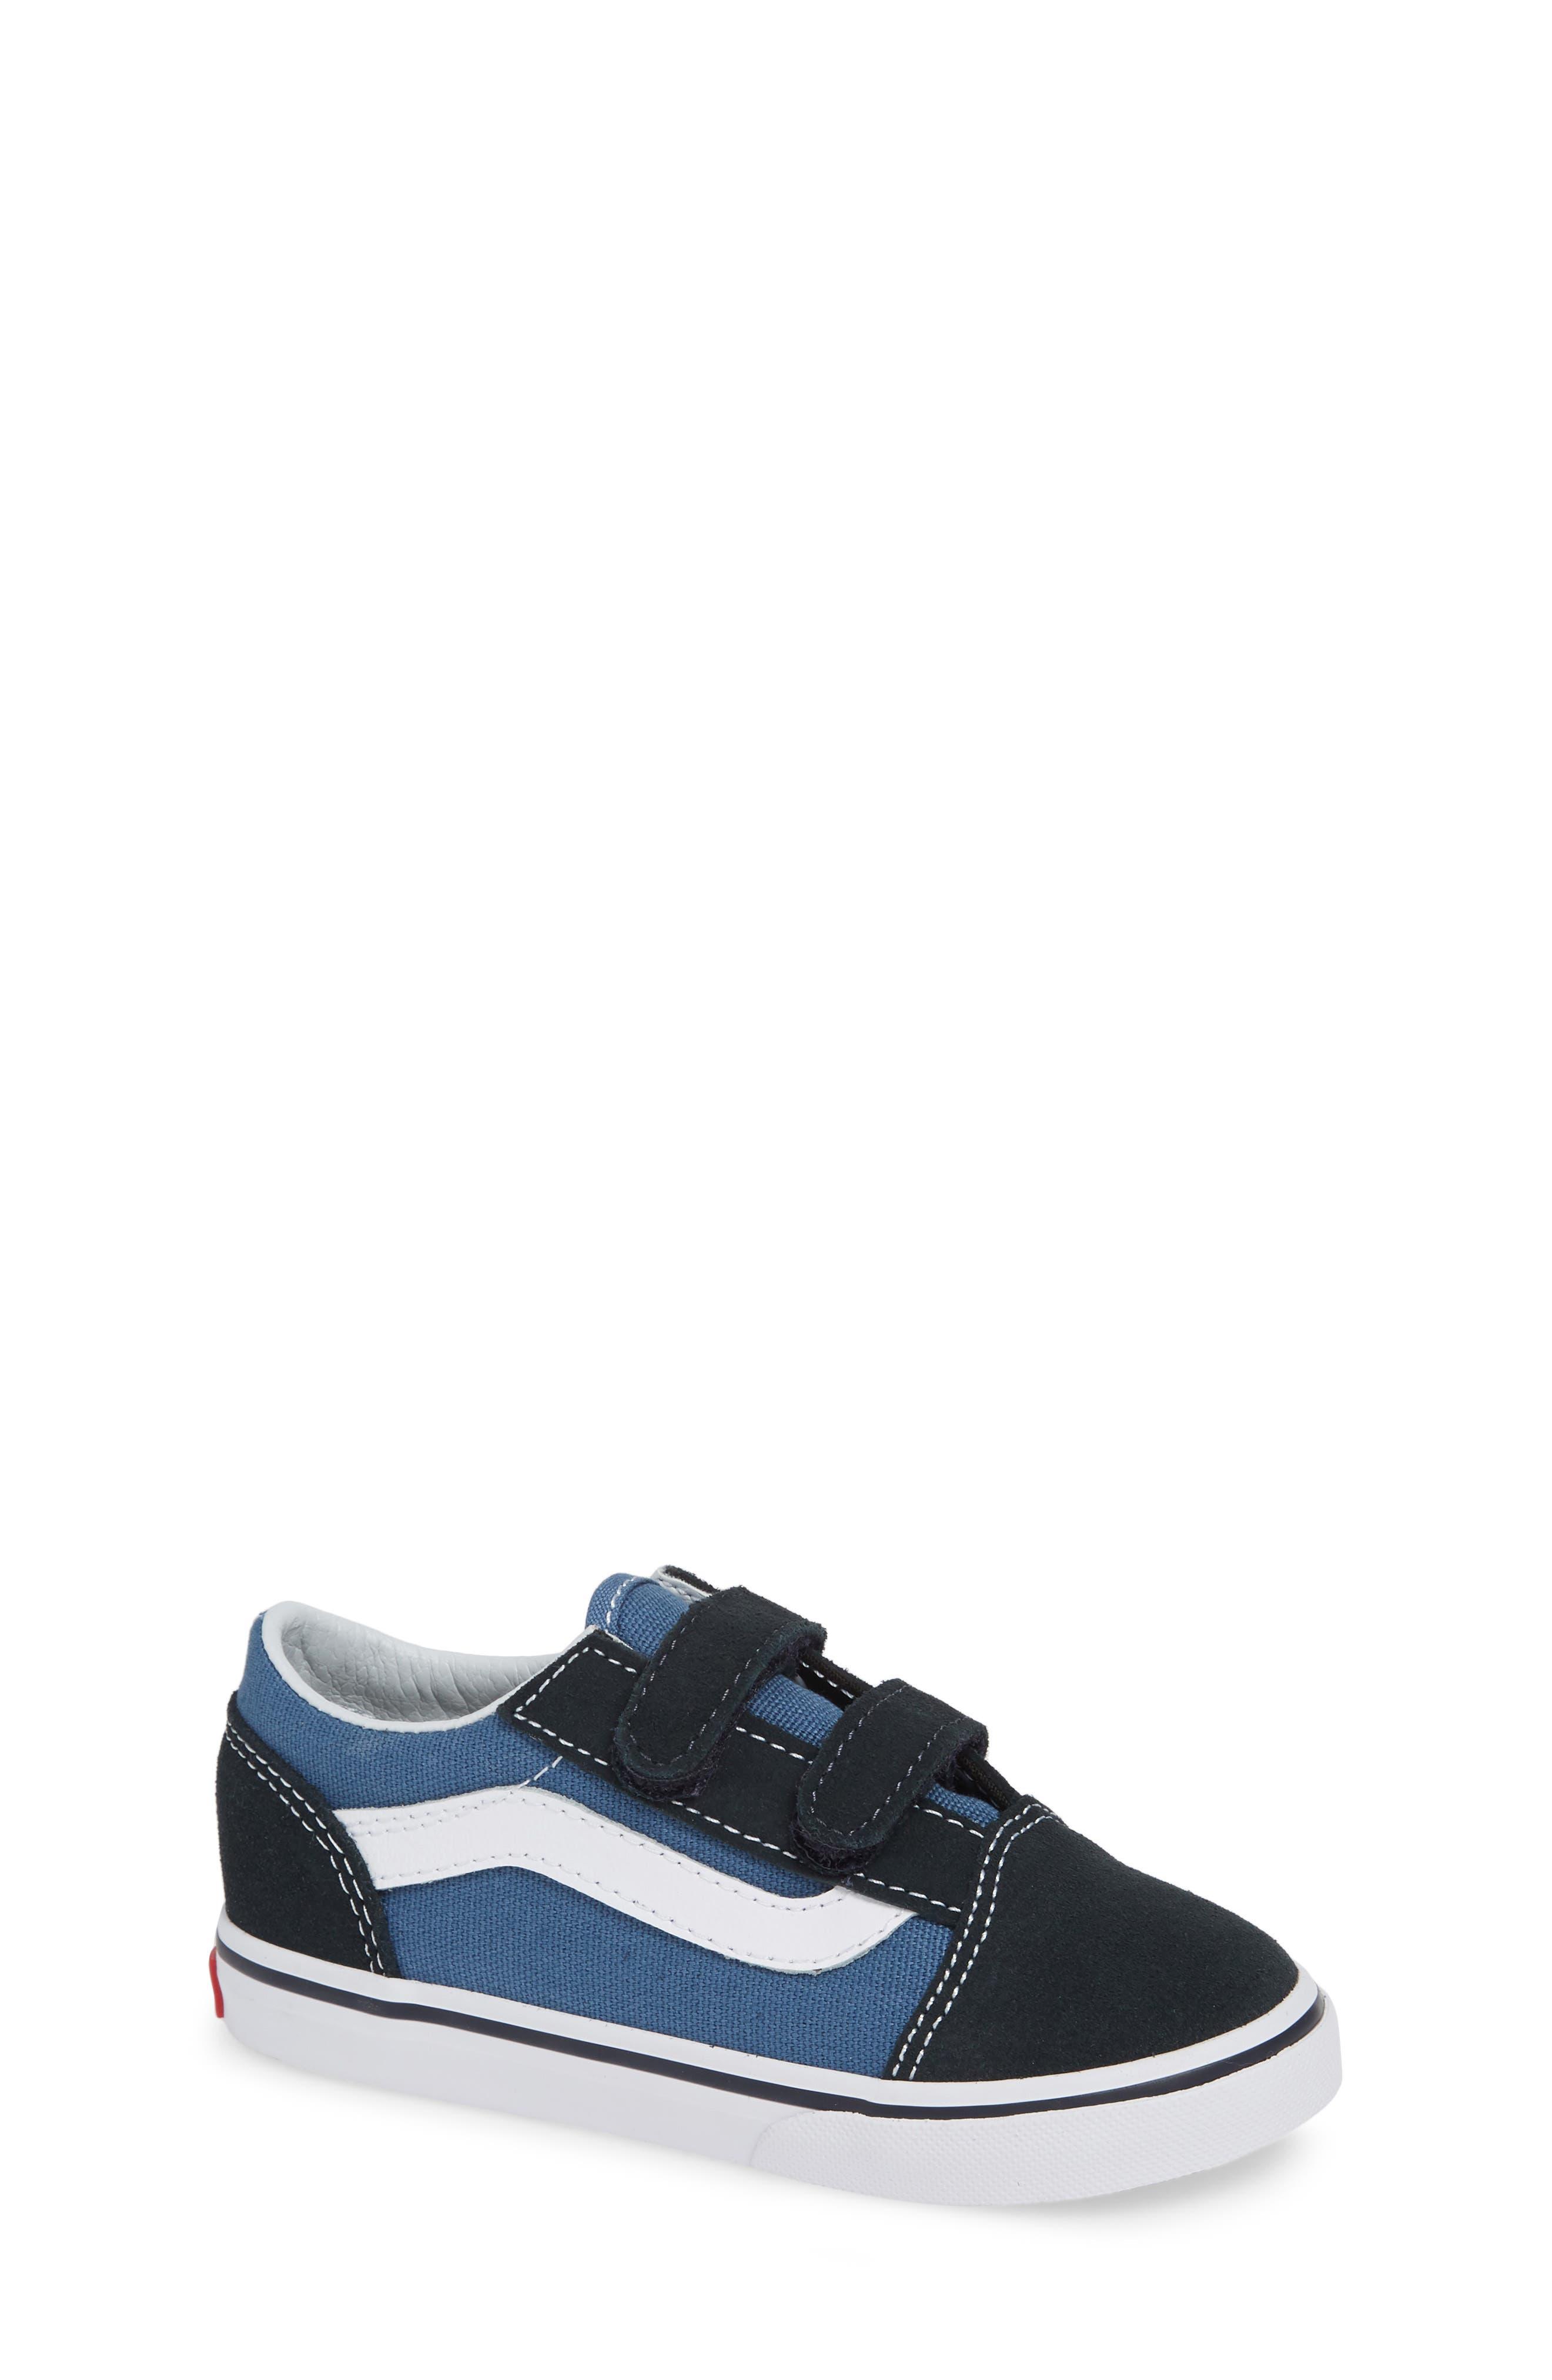 'Old Skool' Sneaker, Main, color, NAVY